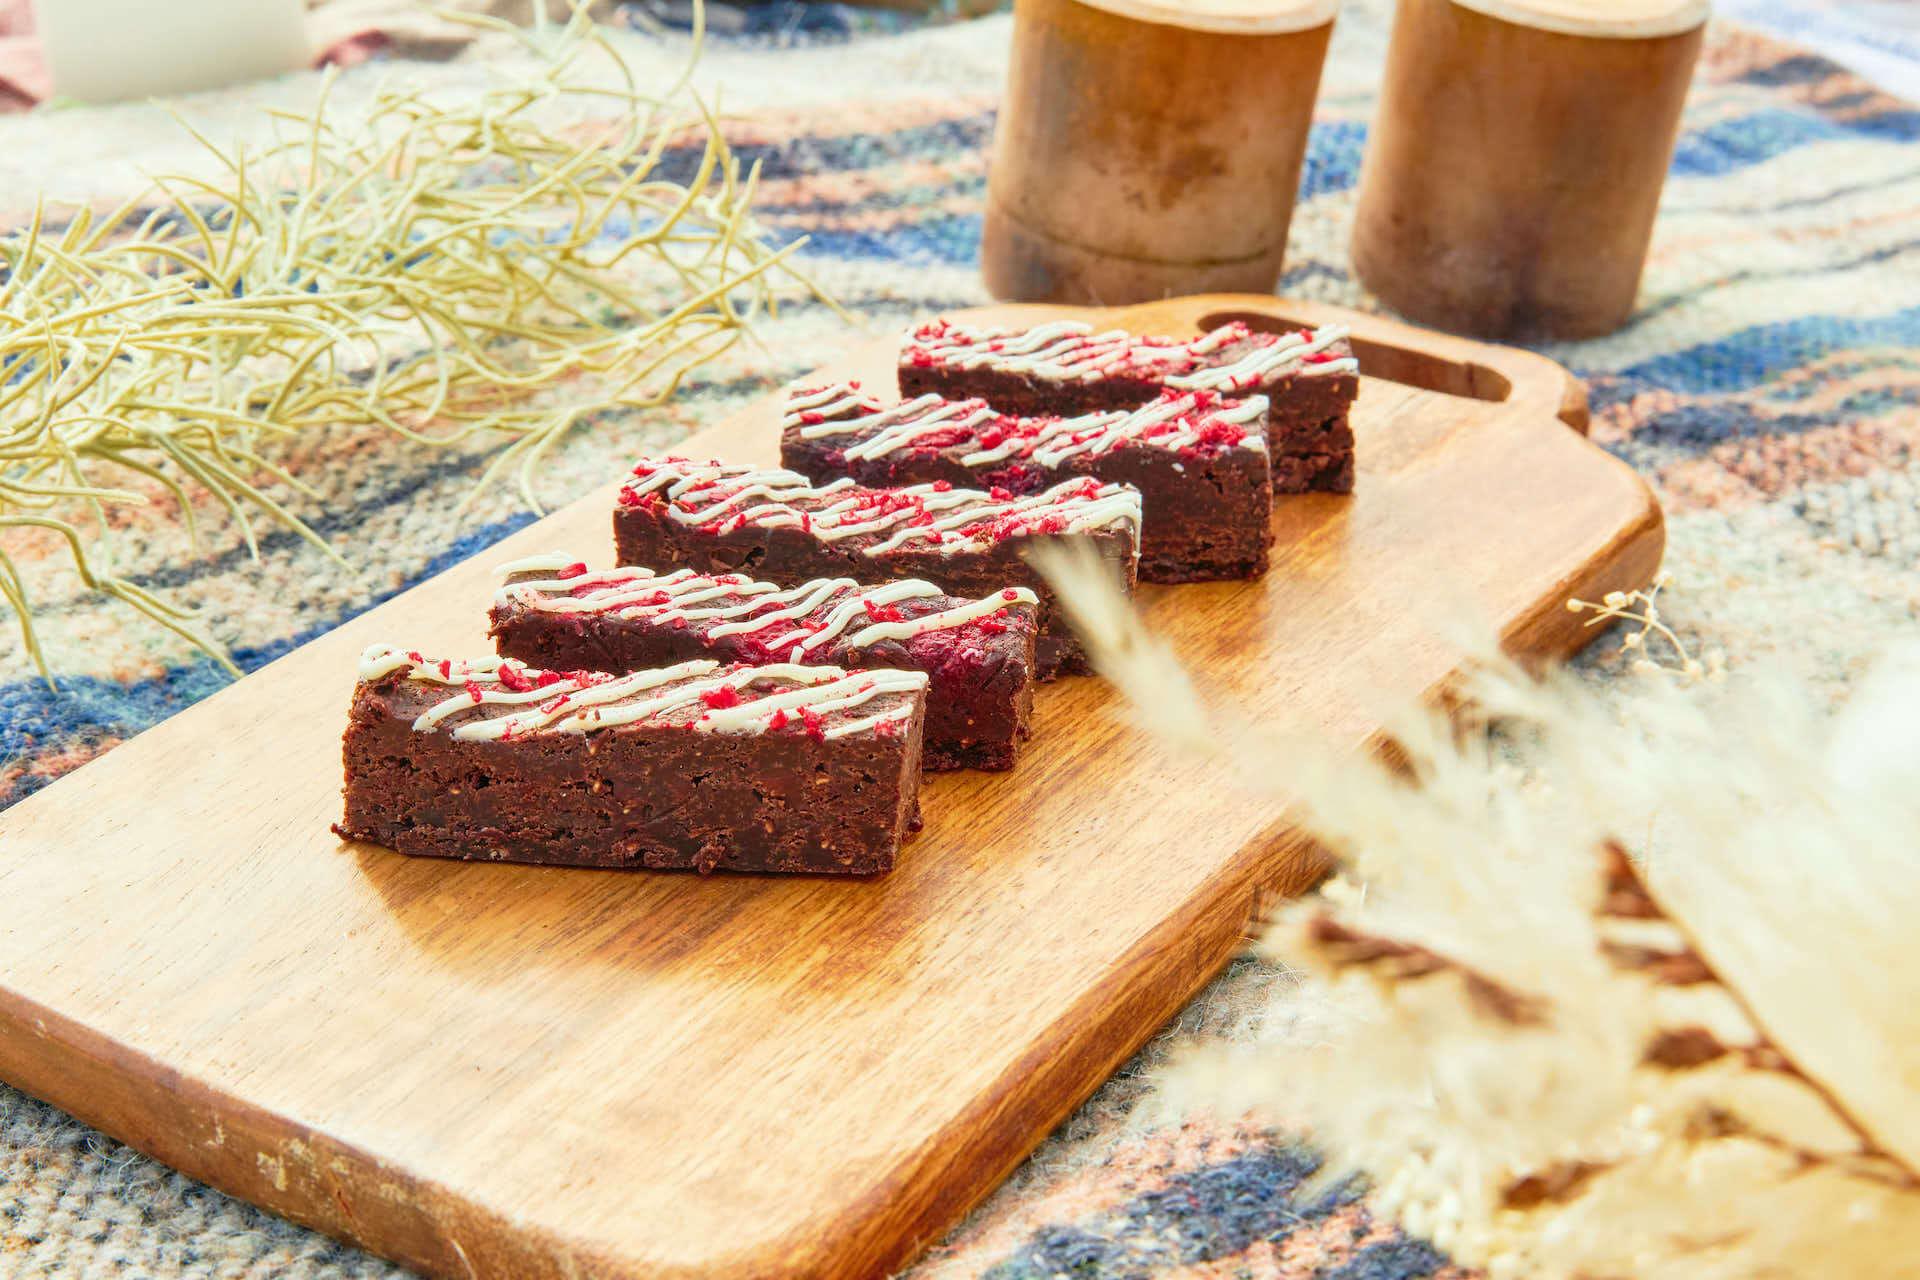 代官山のコーヒーショップ「PELLS」が原宿で新業態「PELLS Flavor car」をスタート!グルテンフリーのブラウニー、ワッフルポップなど販売 gourmet210226_pells_15-1920x1280